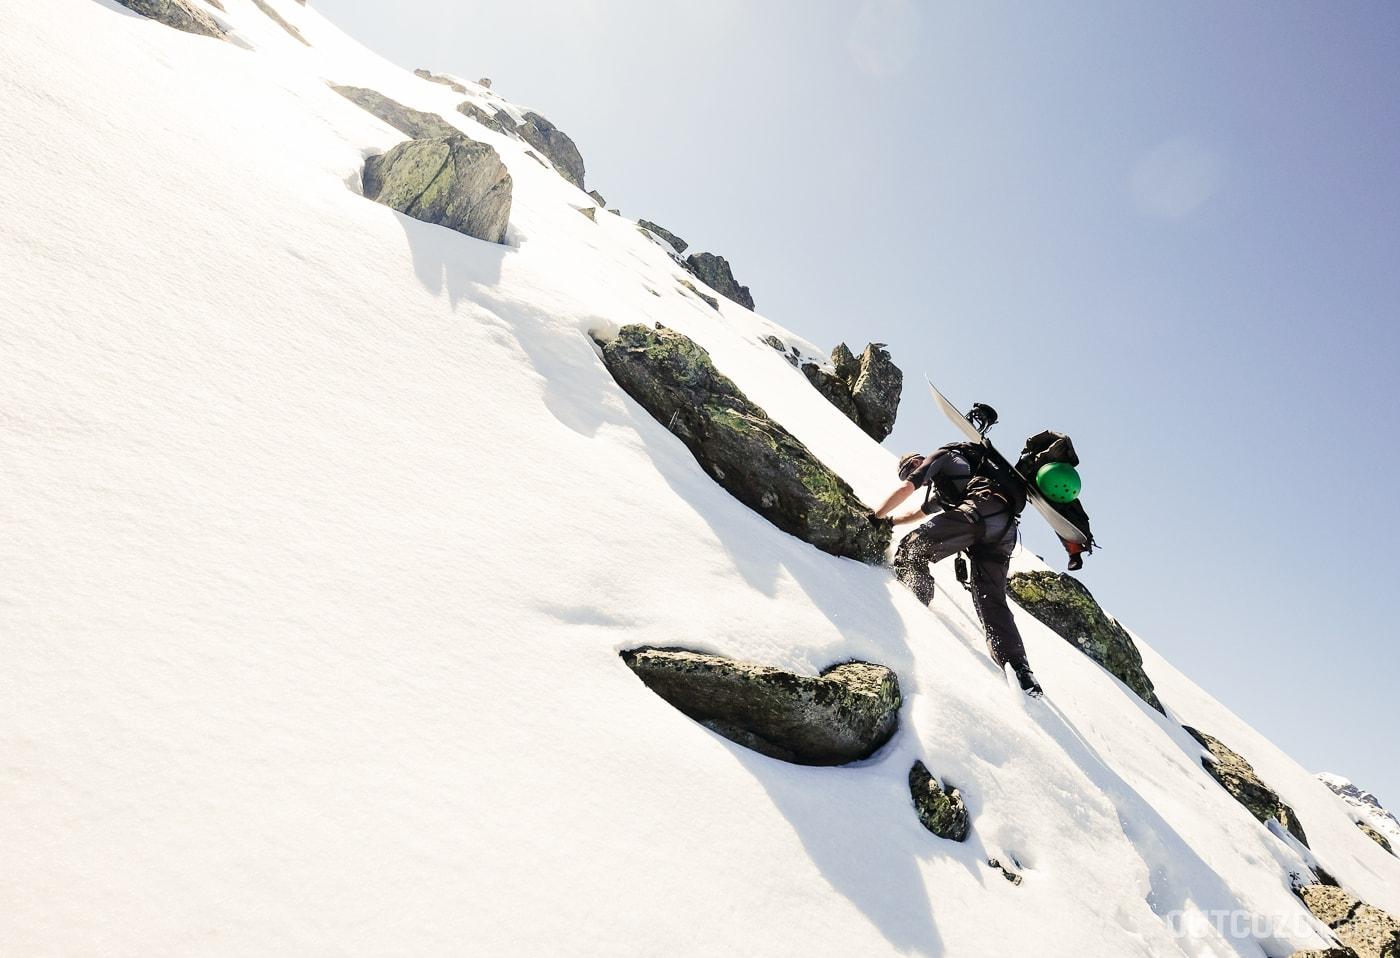 Winterklettersteig Burg Zustieg